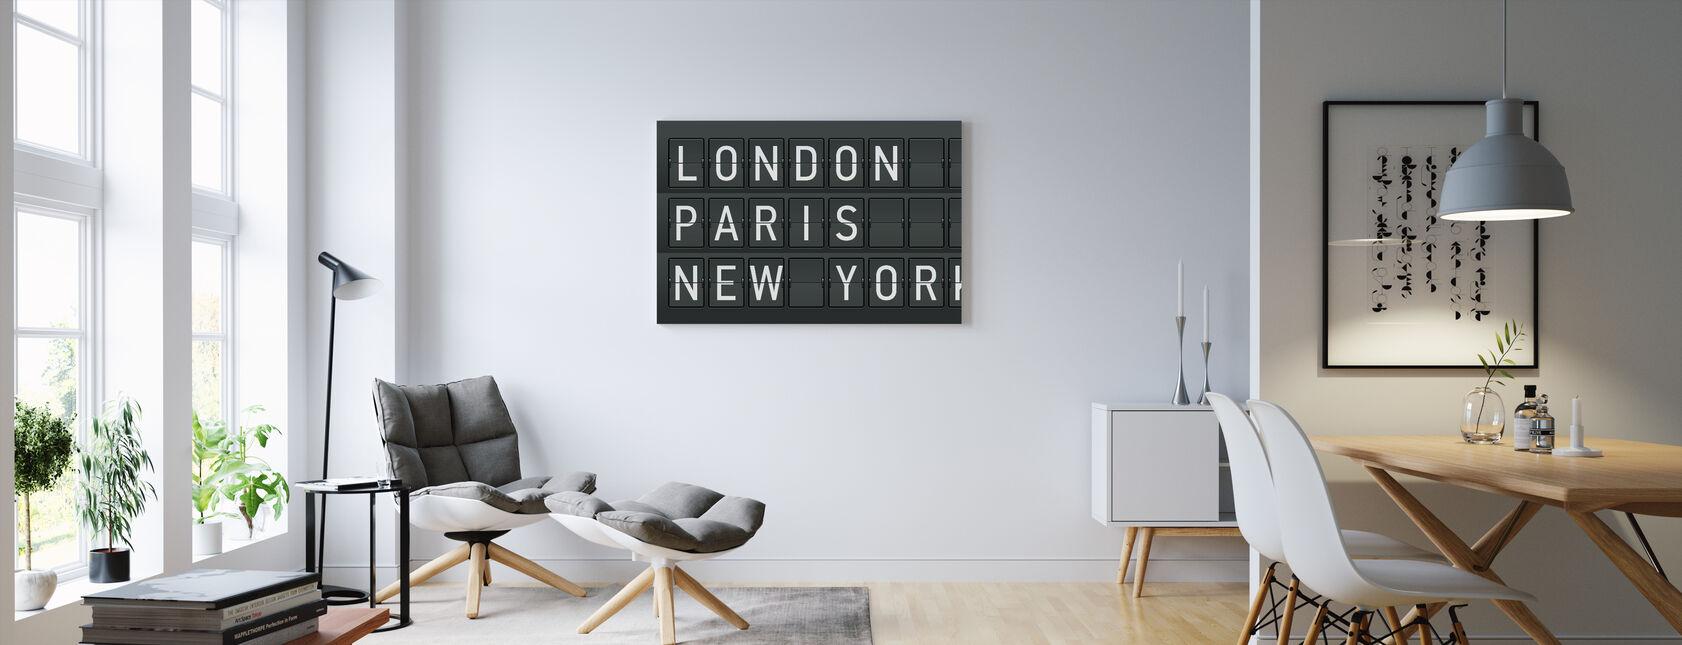 Londres - Paris - New York - Impression sur toile - Salle à manger